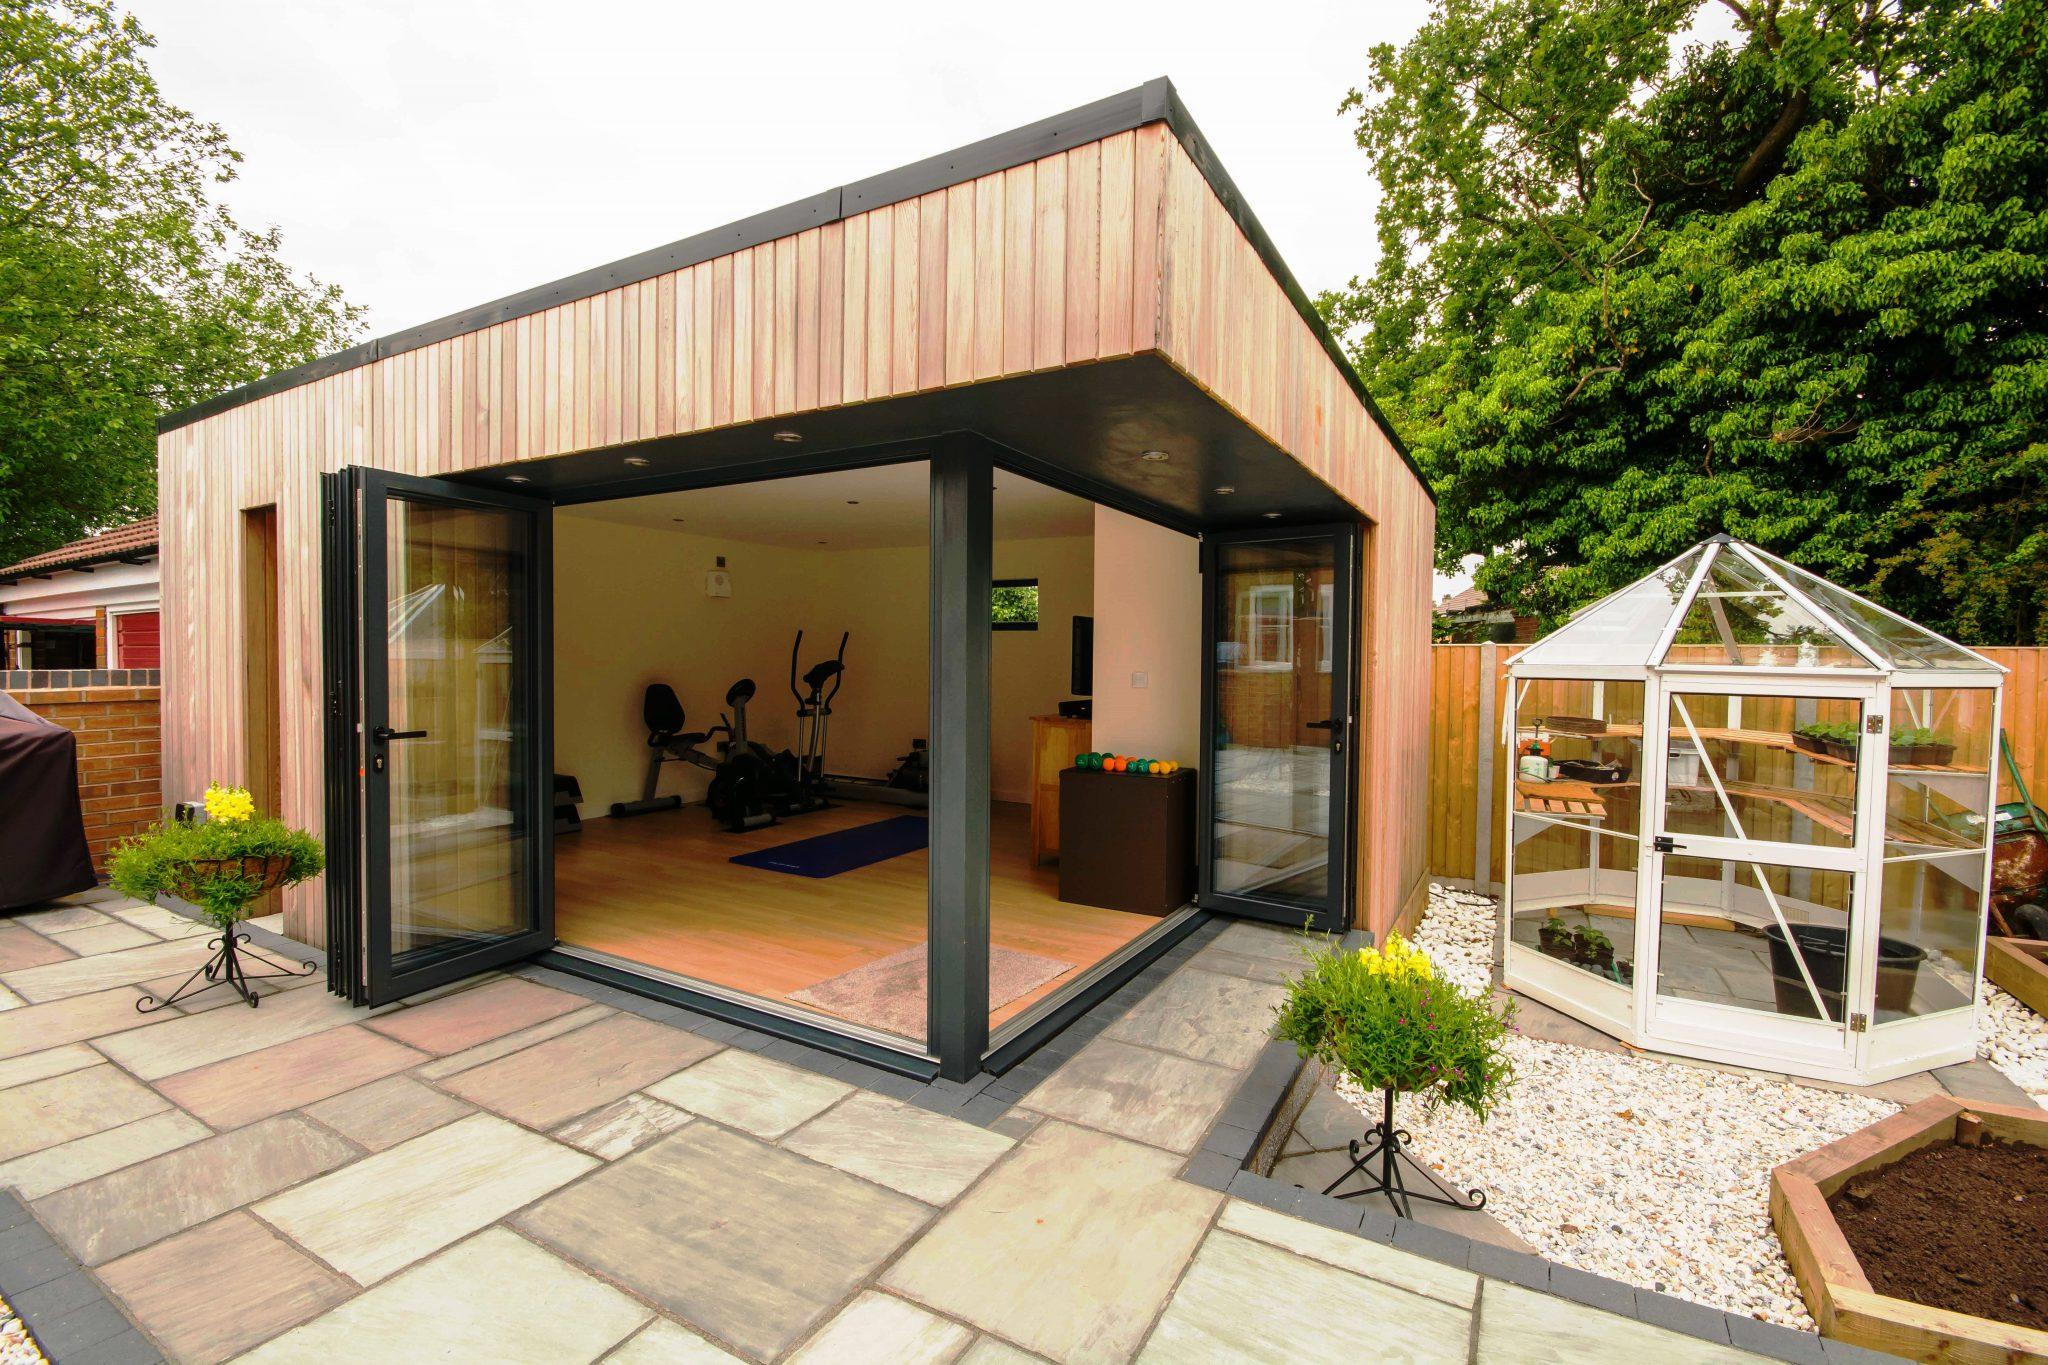 luxury garden gym with en suite swift garden rooms. Black Bedroom Furniture Sets. Home Design Ideas